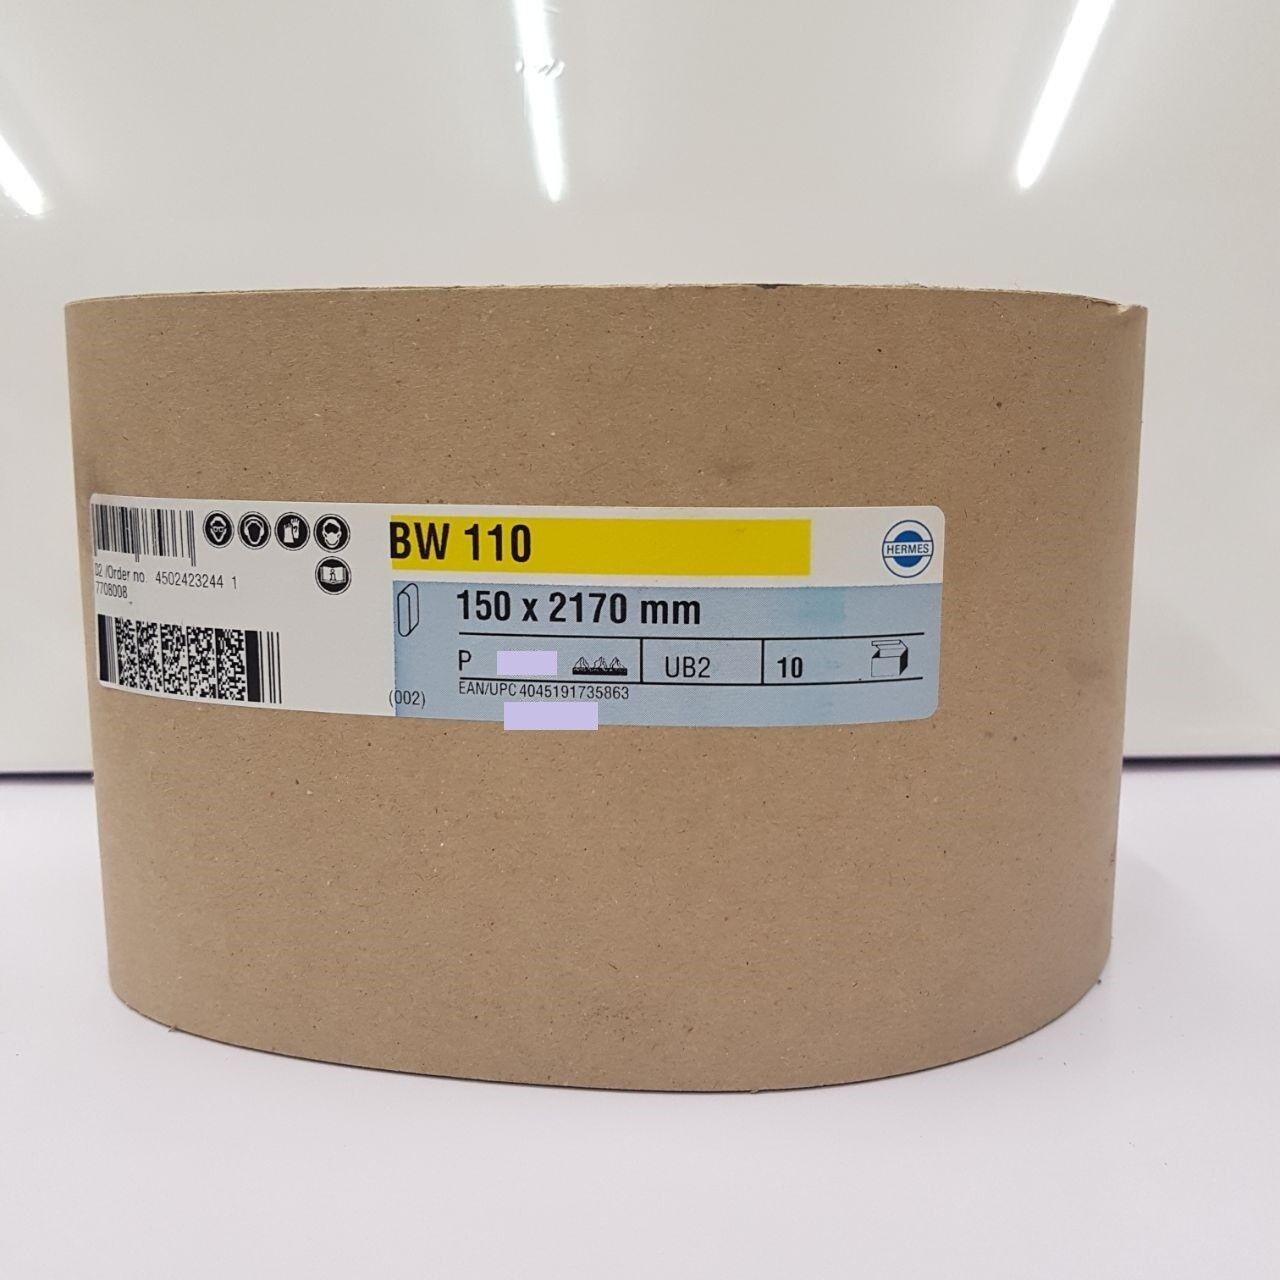 Hermes Schleifbänder BW 110 - 150 x 2170 mm Körnung wählbar VE- 10 Bänder